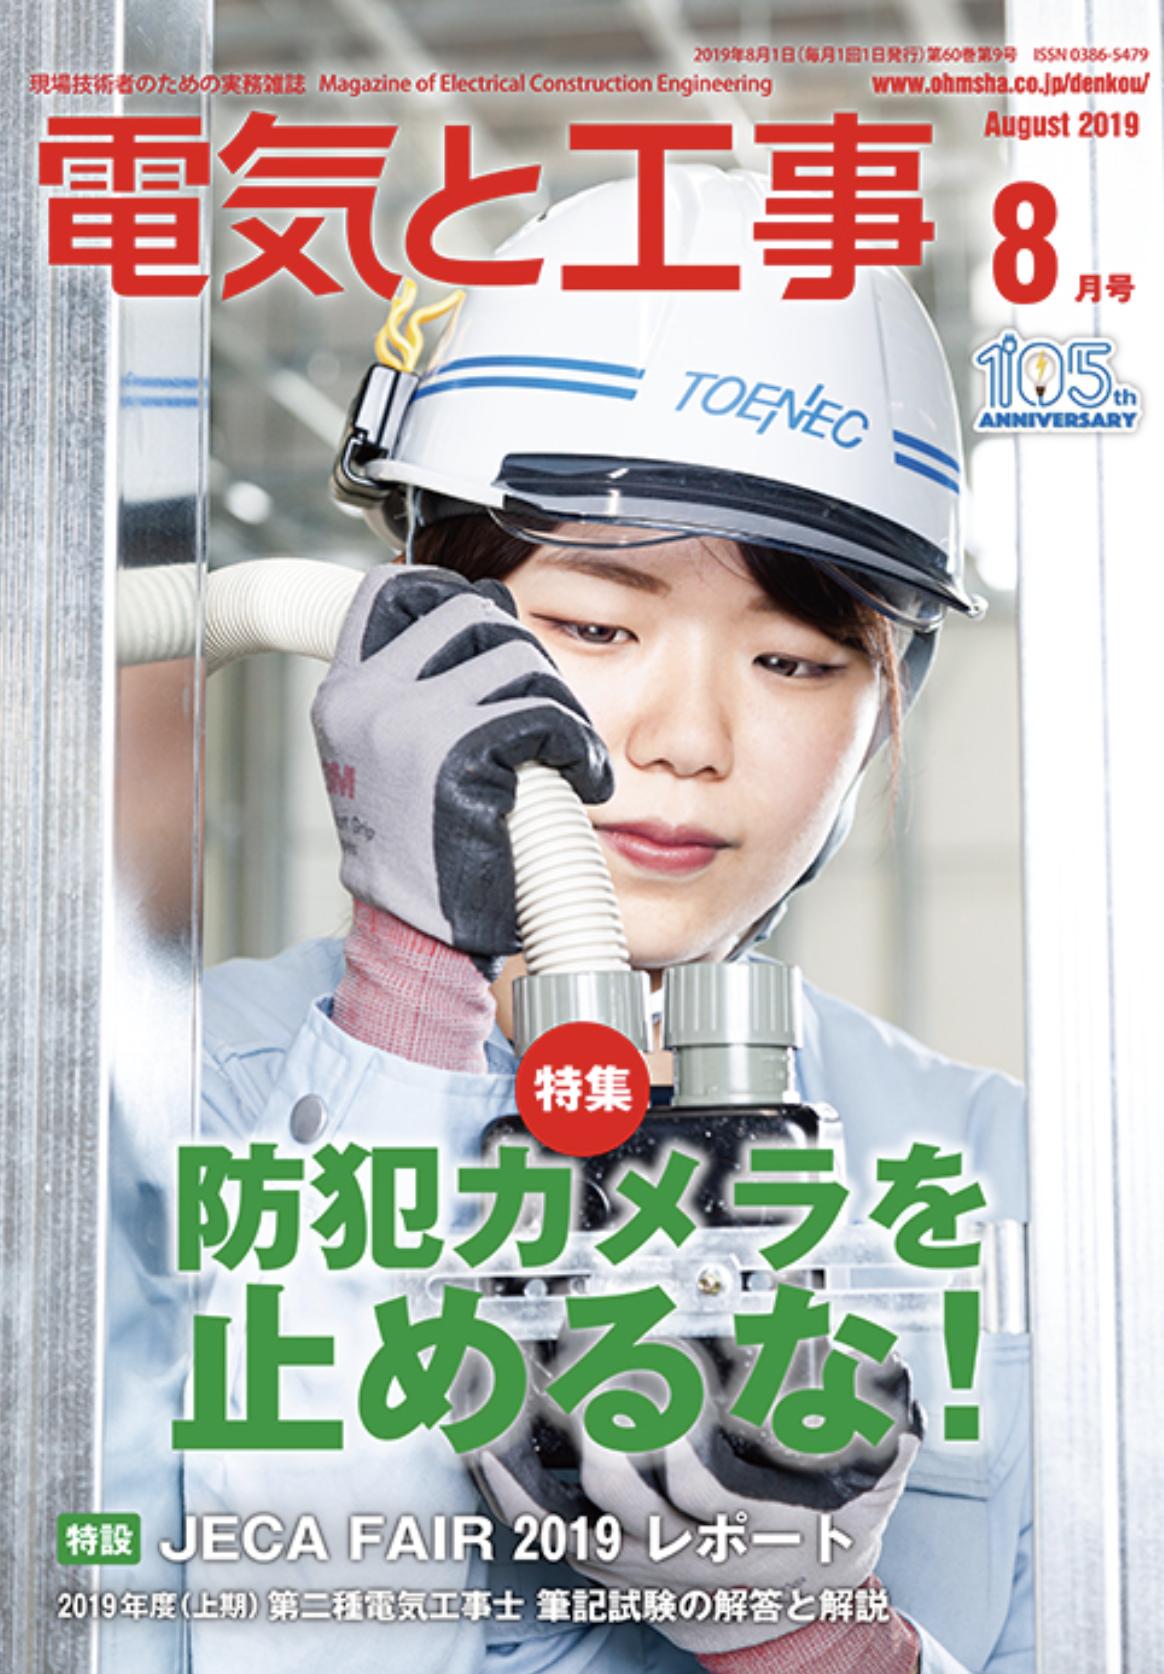 【新刊トピックス 2019年7月】電気と工事 2019年8月号 (第60巻第9号通巻790号)の画像